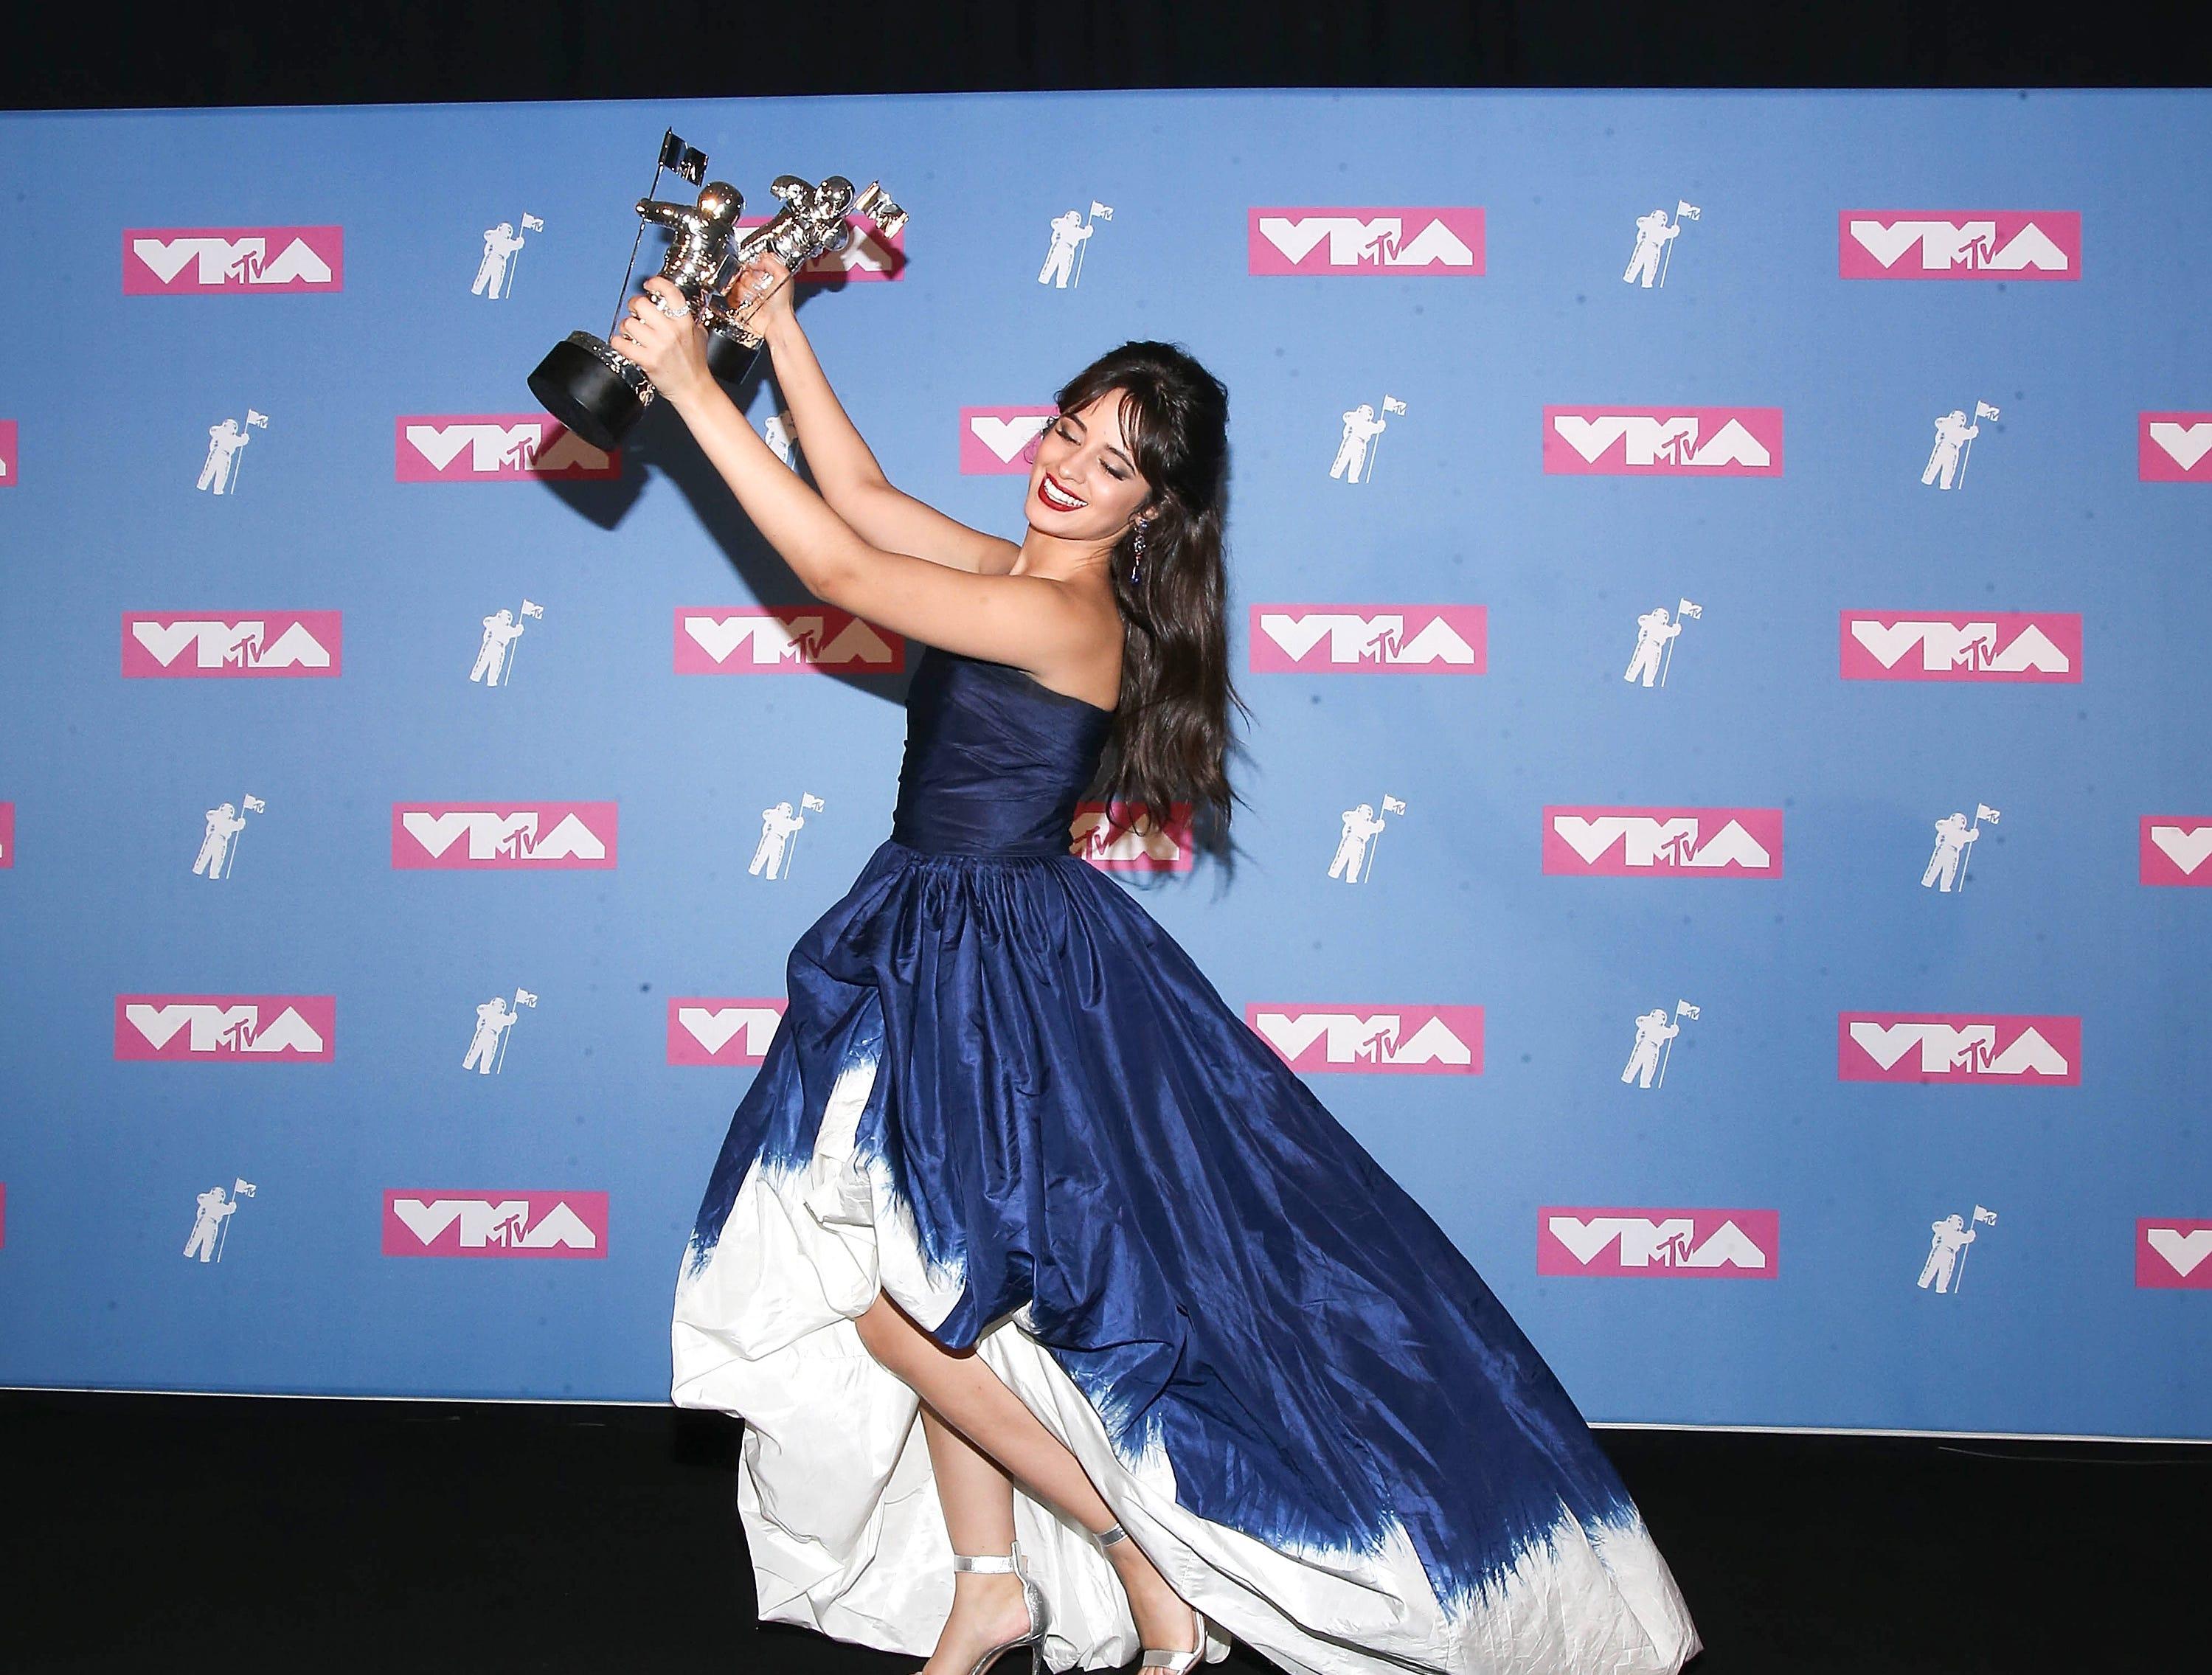 La cantante y compositora Camila Cabello con sus 2 premios al Video del Año y Artista del Año en la sala de prensa de los MTV Video Music Awards 2018 en el Radio City Music Hall el 20 de agosto de 2018 en la ciudad de Nueva York.